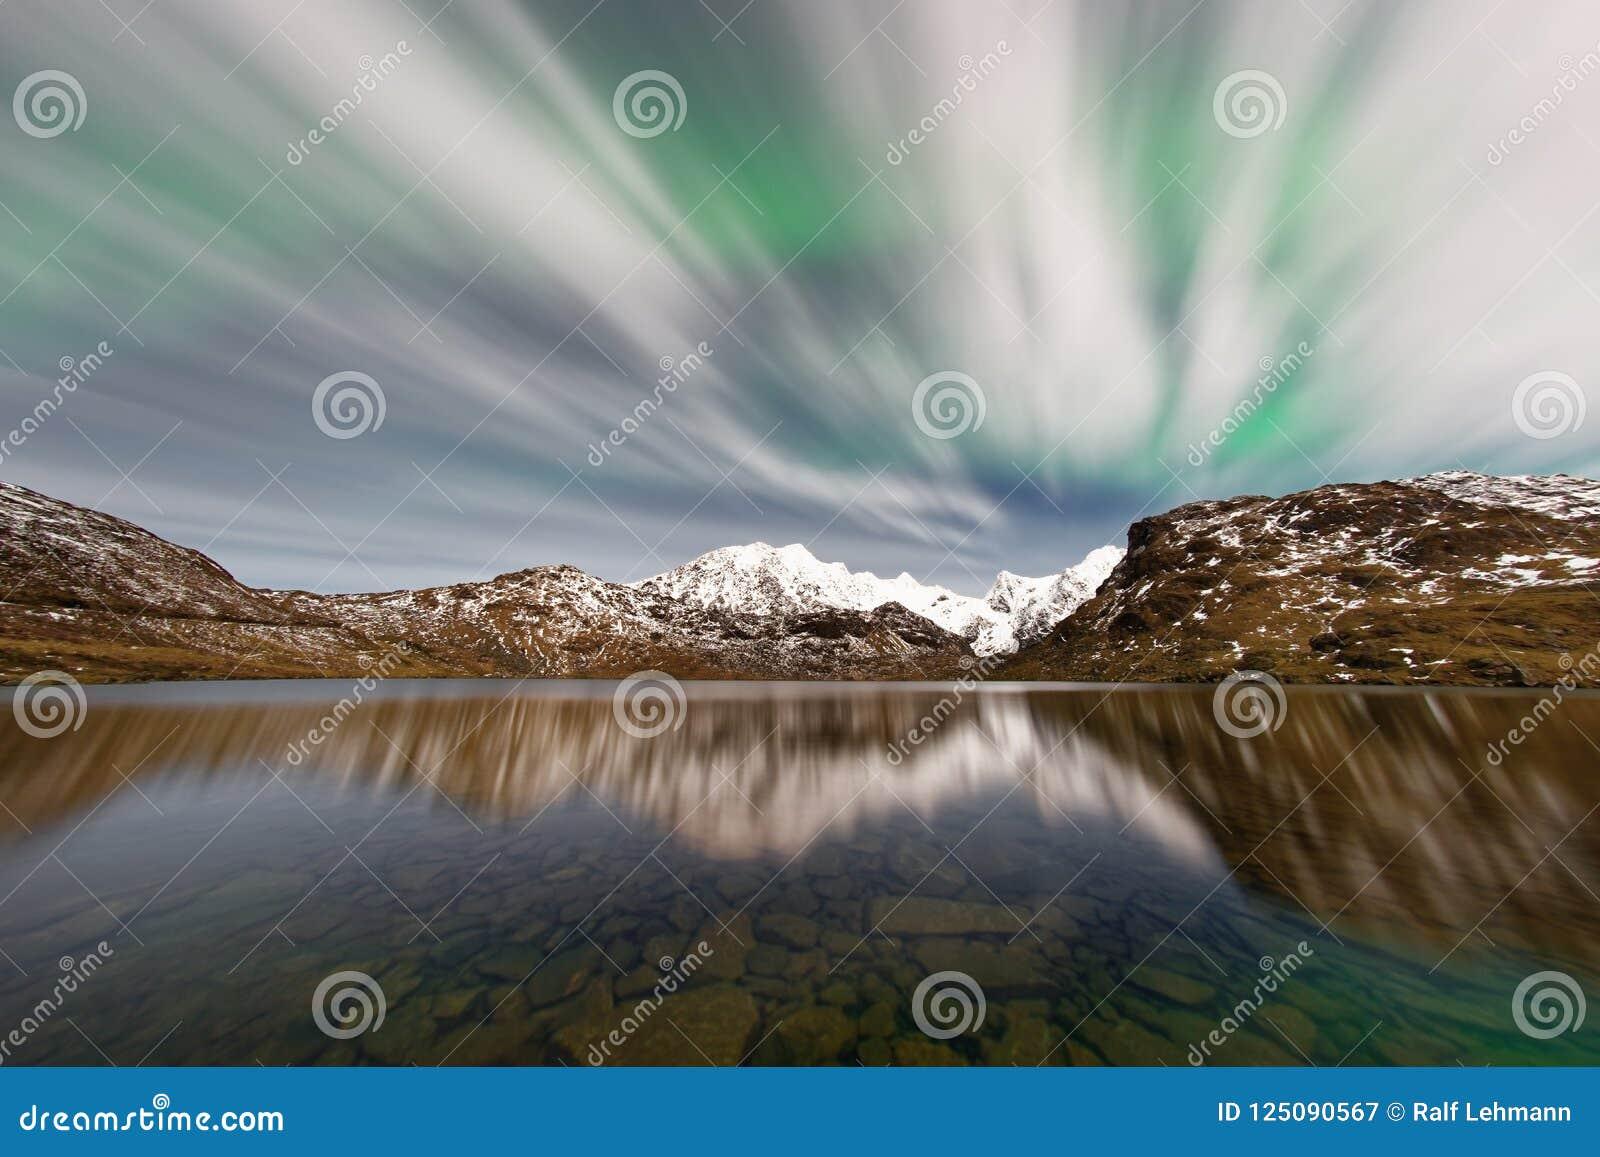 Lumières du nord derrière les nuages minces sur une gamme de montagne